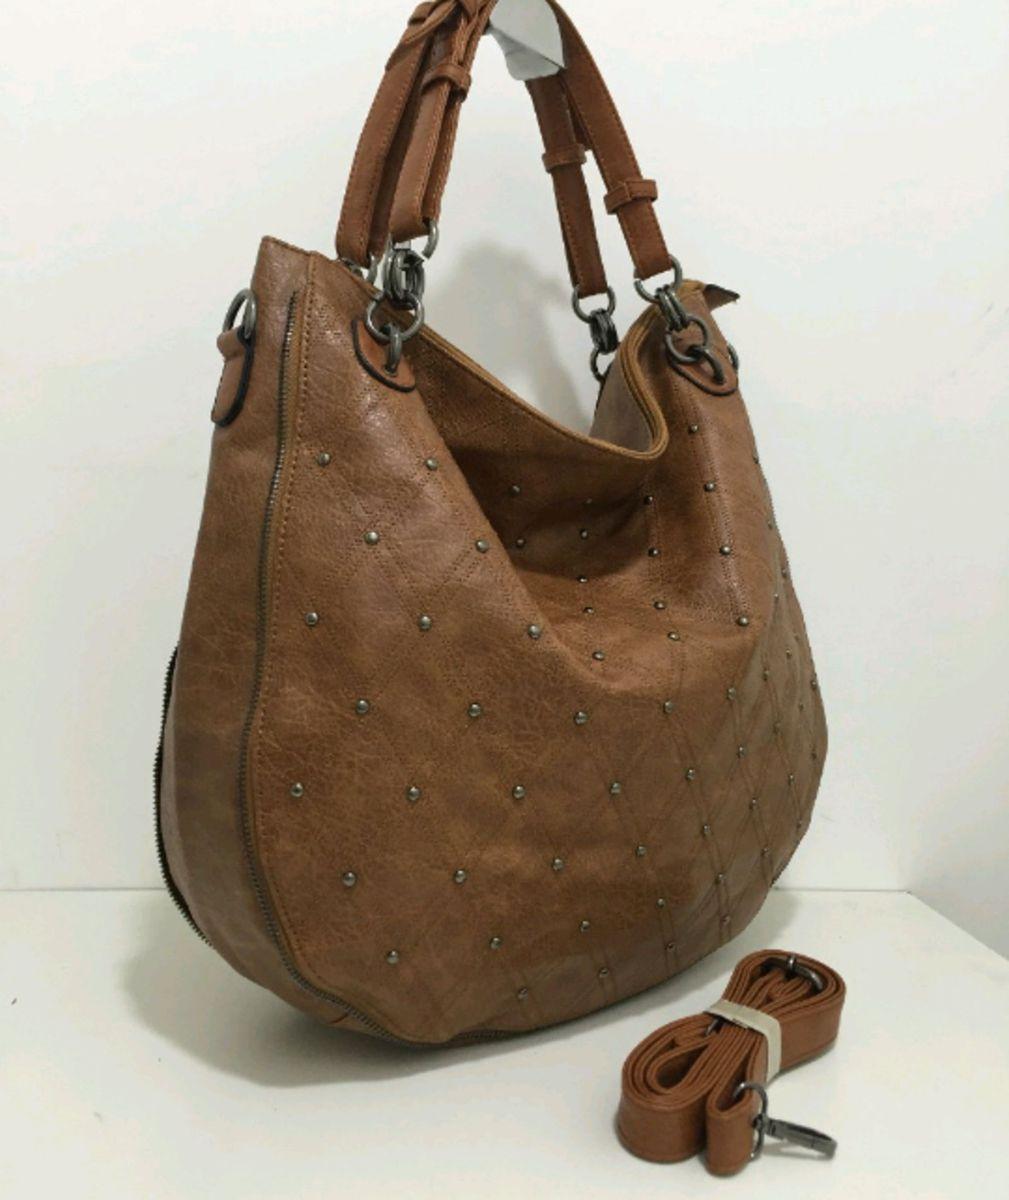 79d82fa9c bolsa grande feminina tipo saco com taxinha lançamento novidade - ombro  importado